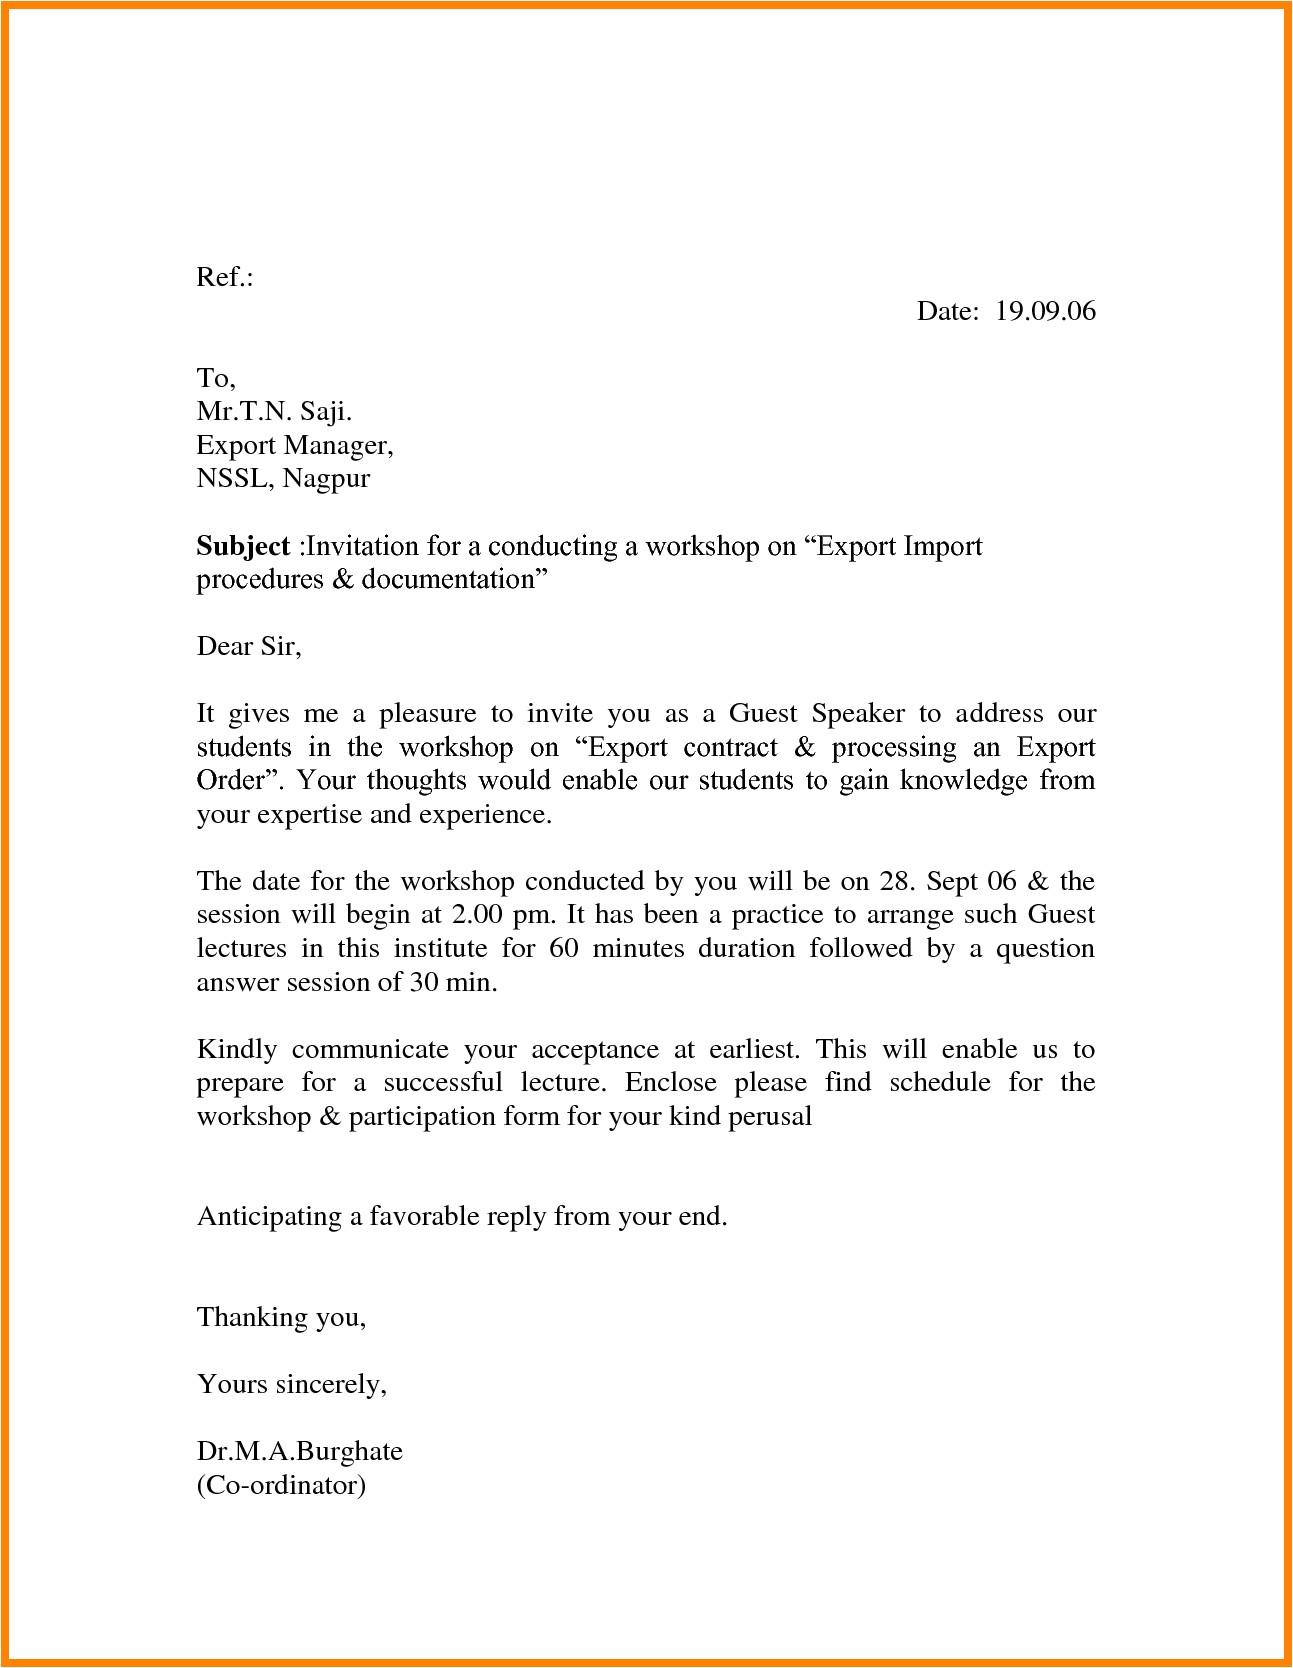 sample invitation letter for guest speak